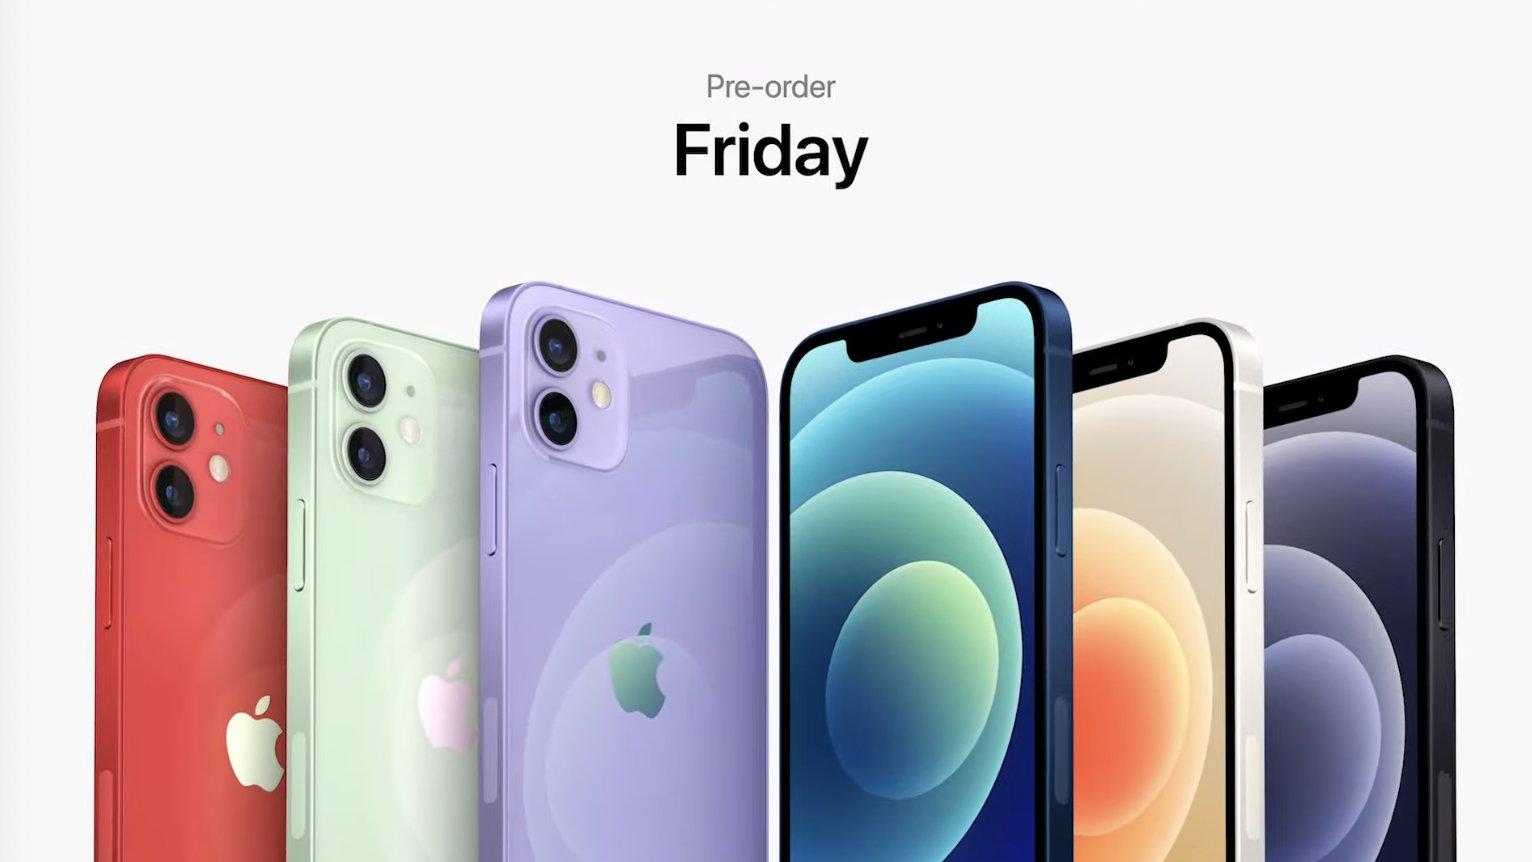 iPhone 12 de color morado, violeta, lila, o como quieras llamar tú a ese color